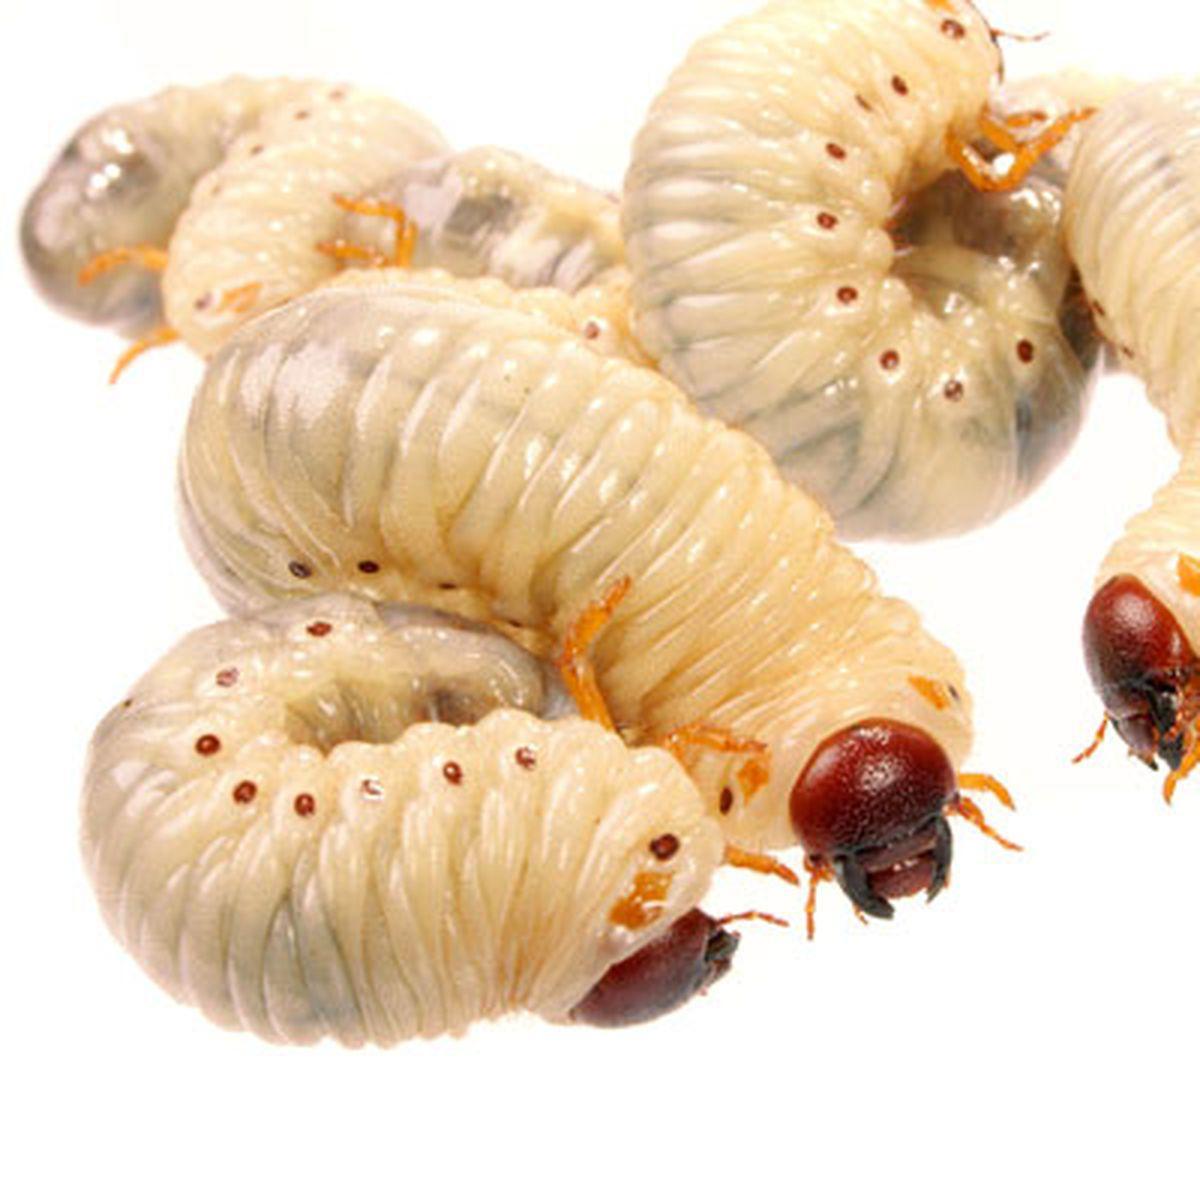 enterobioza este tipică schema de îndepărtare a paraziților din organism